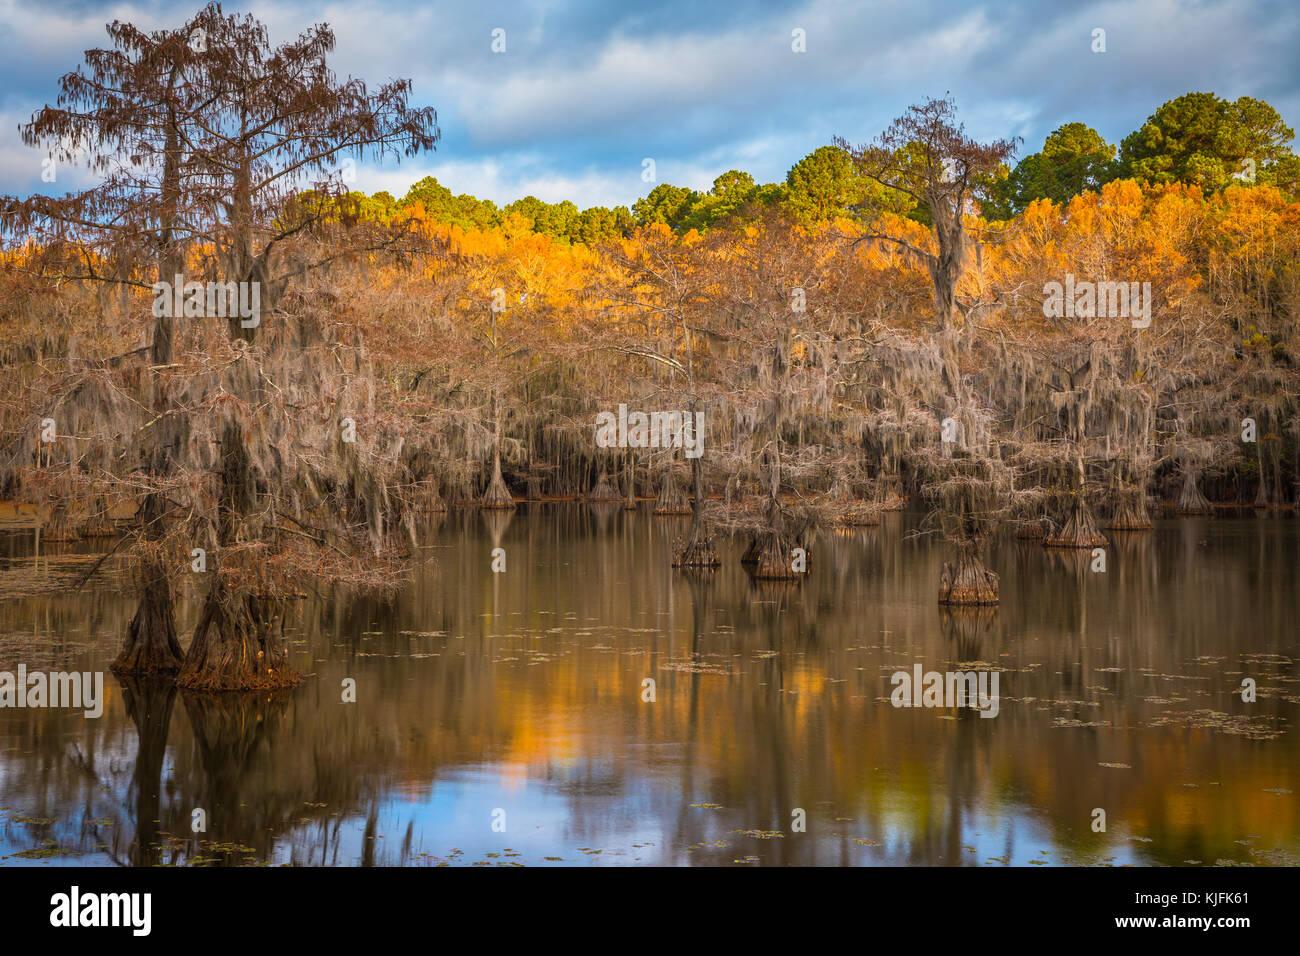 Caddo Lake est un lac et des terres humides situées sur la frontière entre le Texas et la Louisiane. Photo Stock